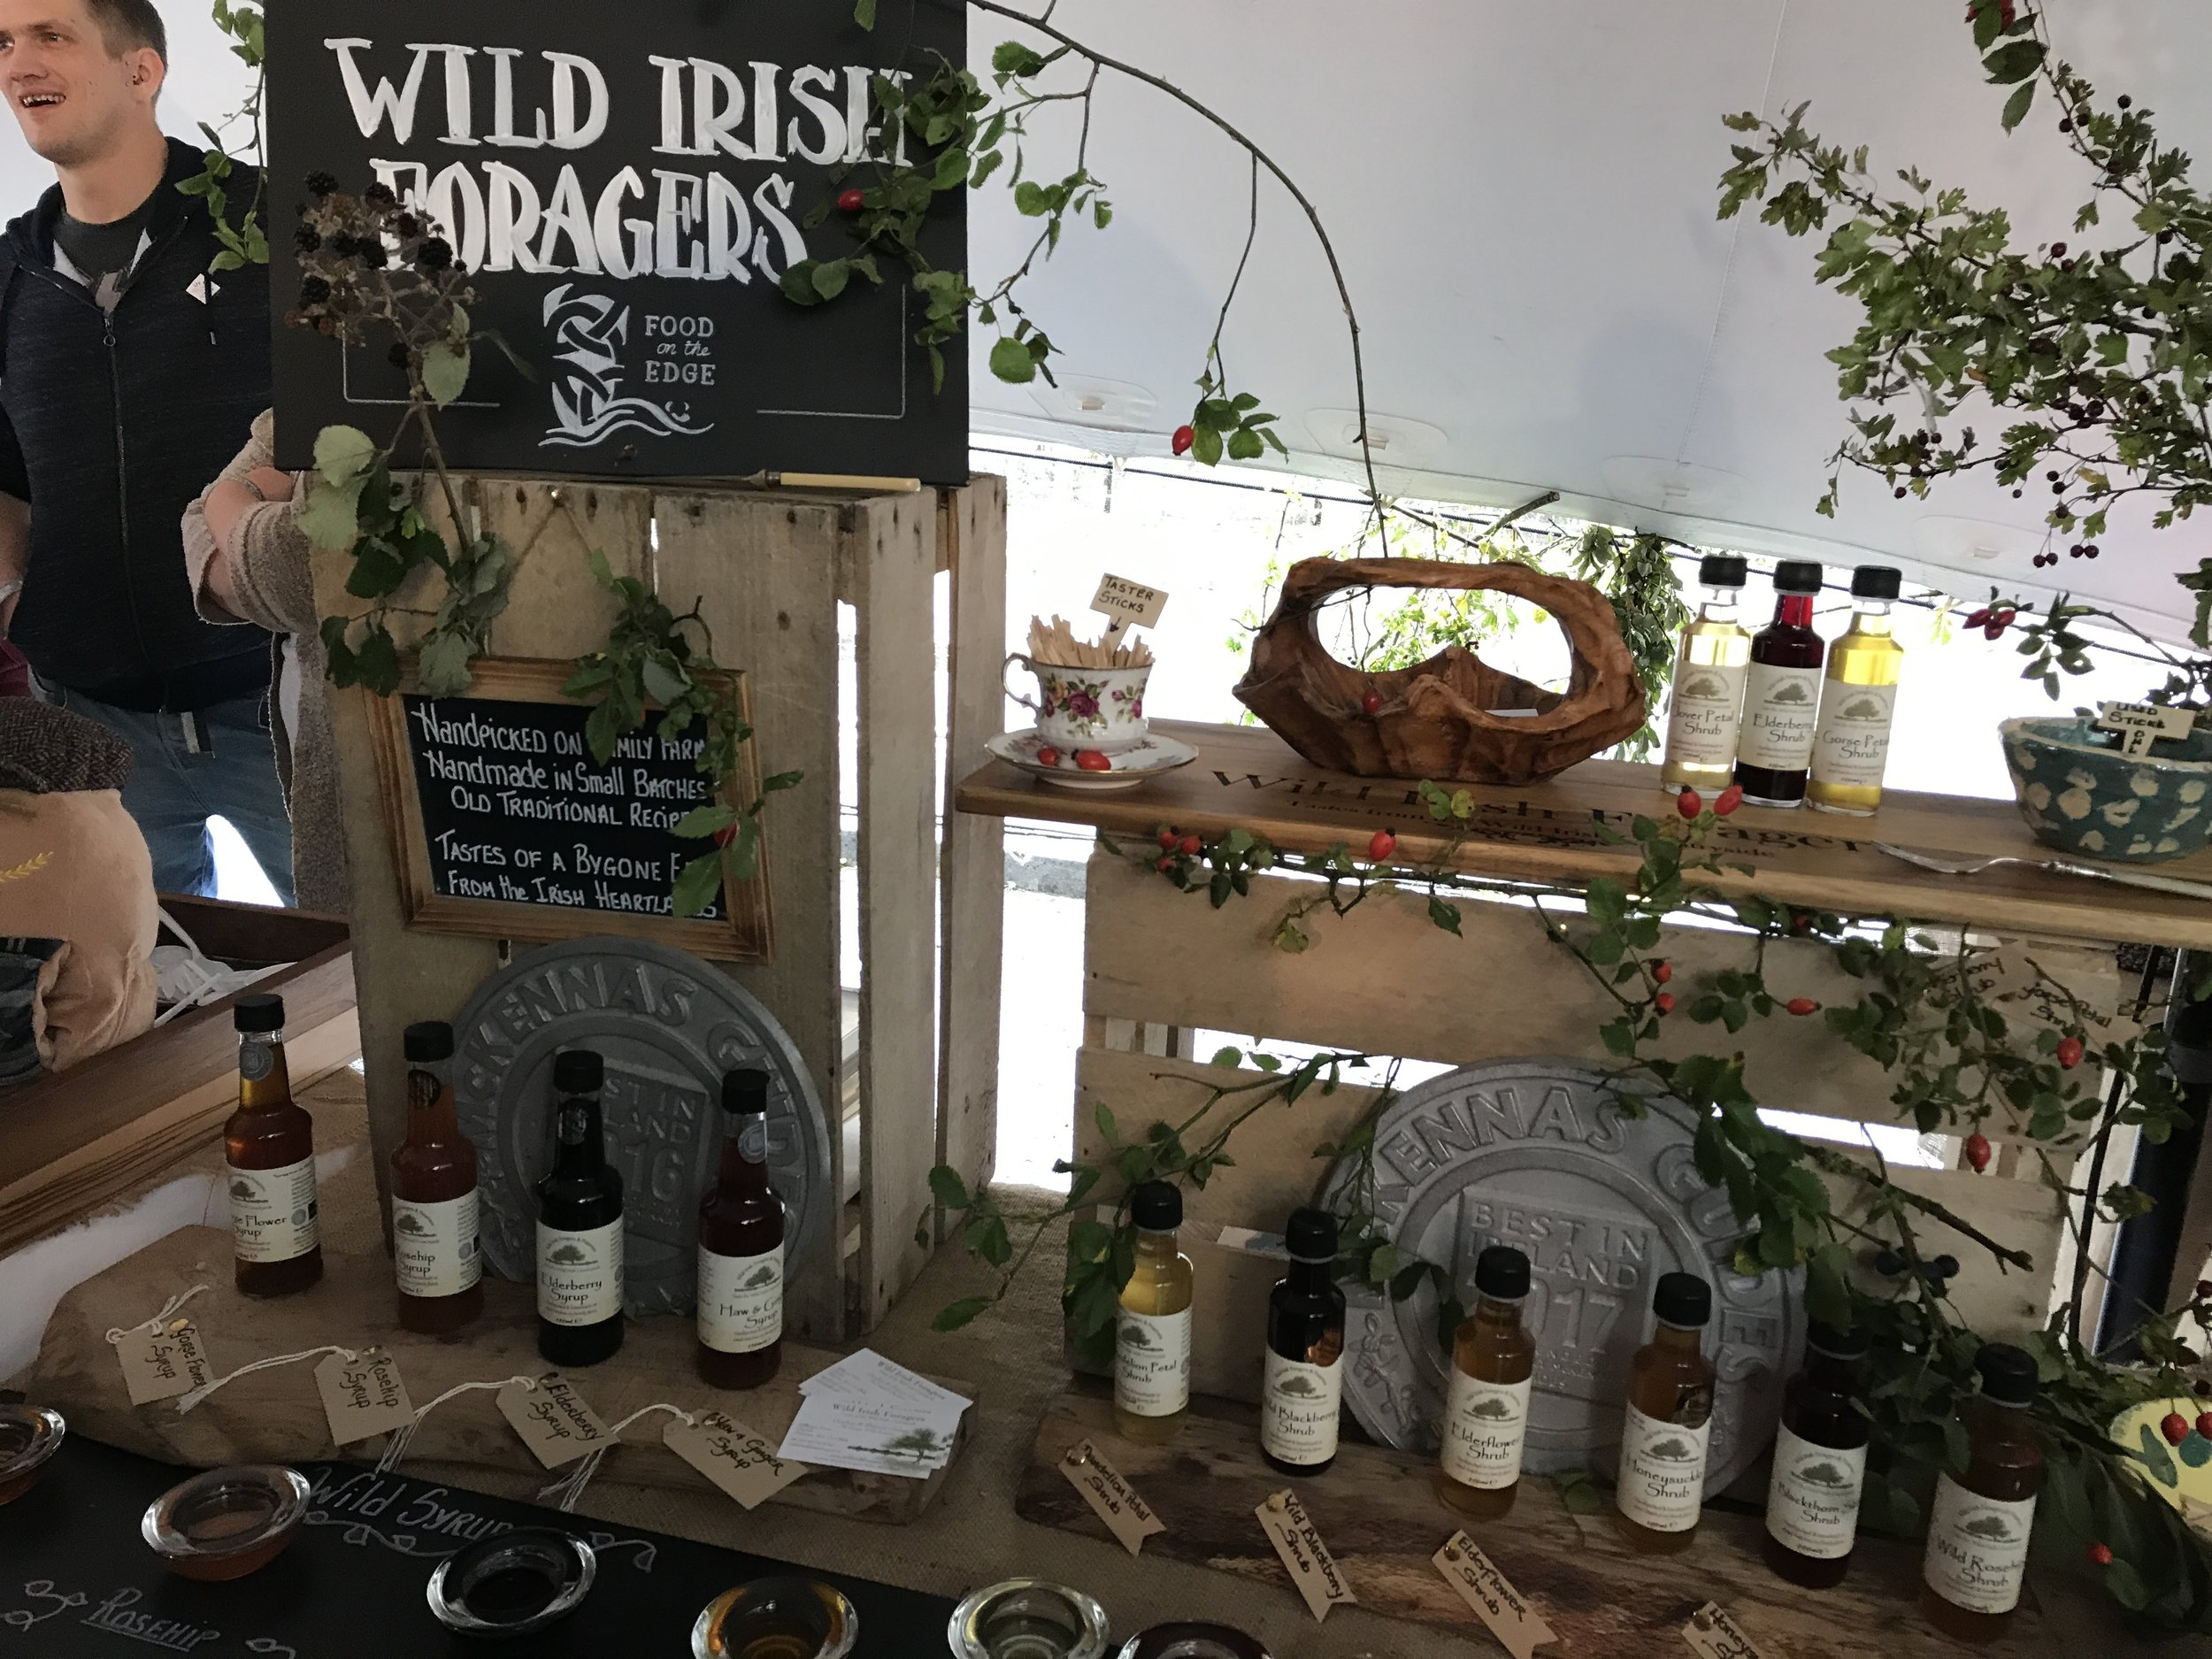 Wild Irish Foragers